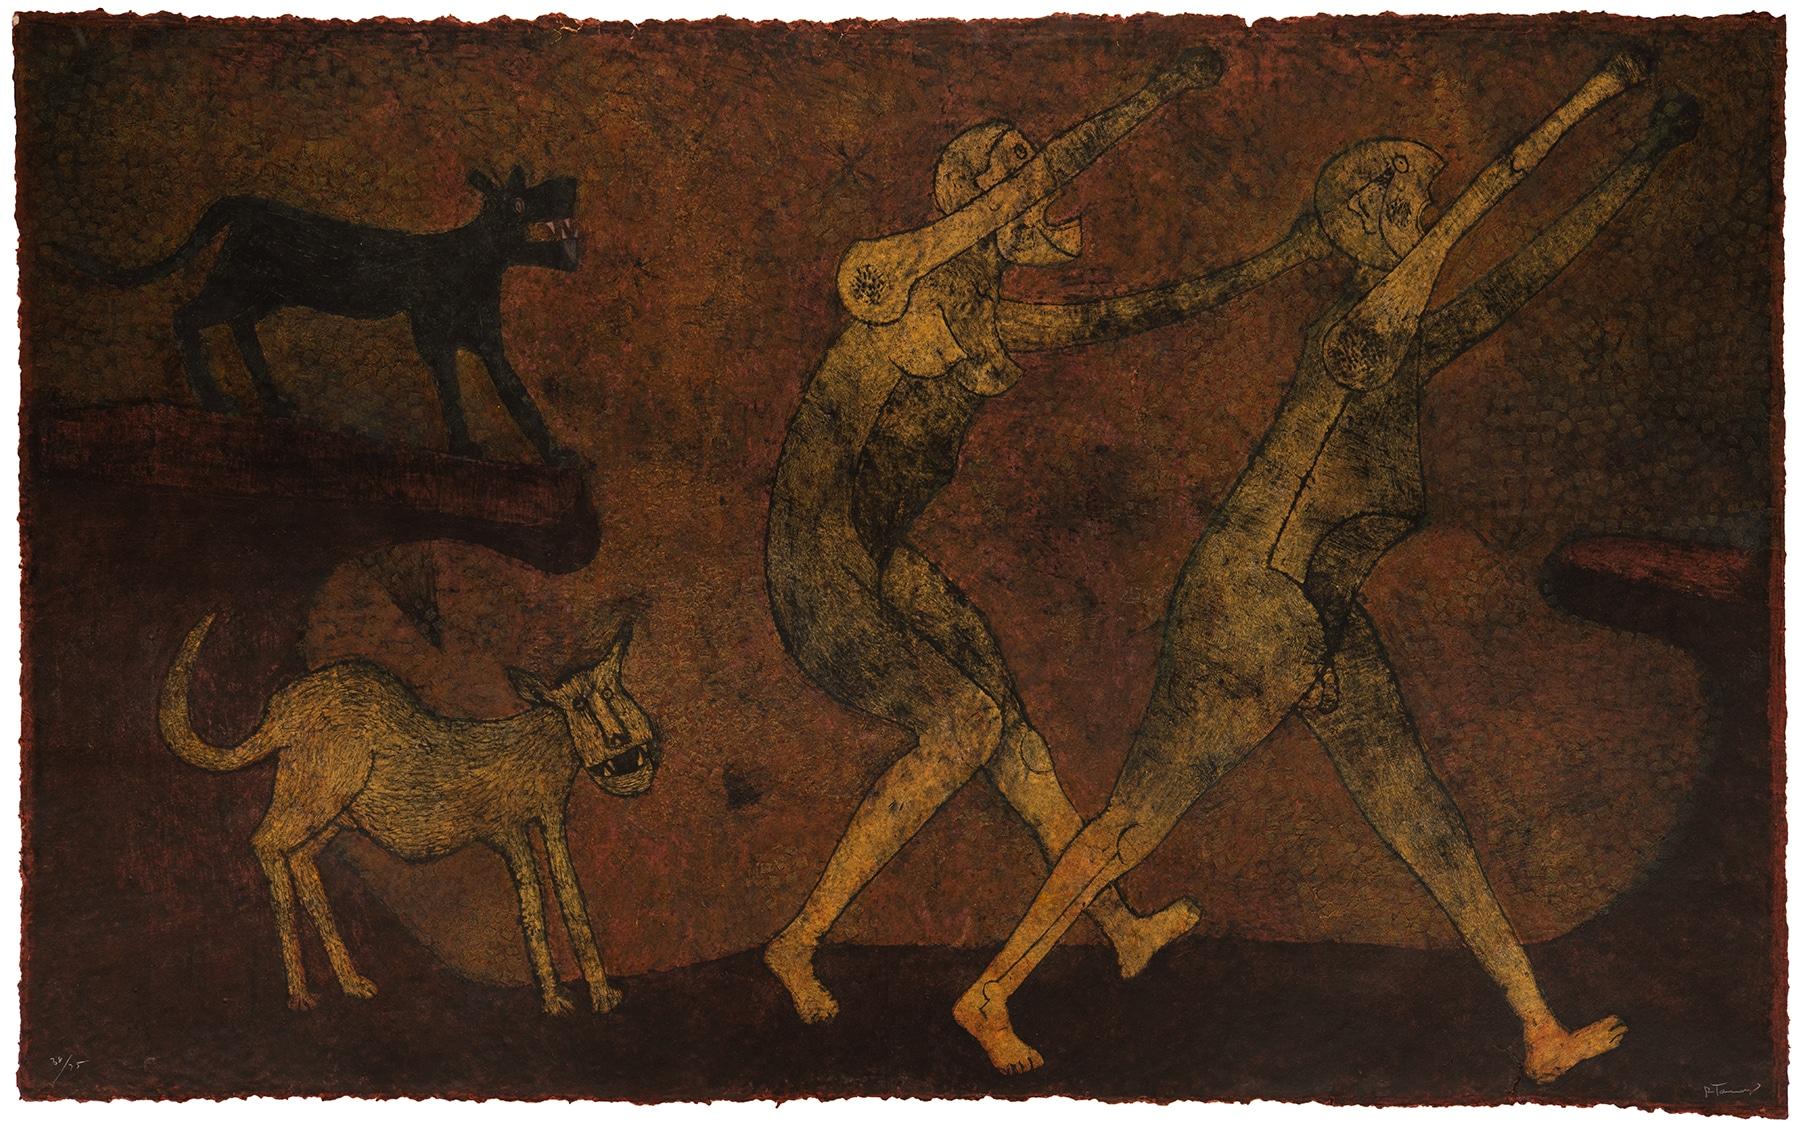 Rufino Tamayo Dos personajes atacados por perros (Two Personages Attacked by Dogs), 1983